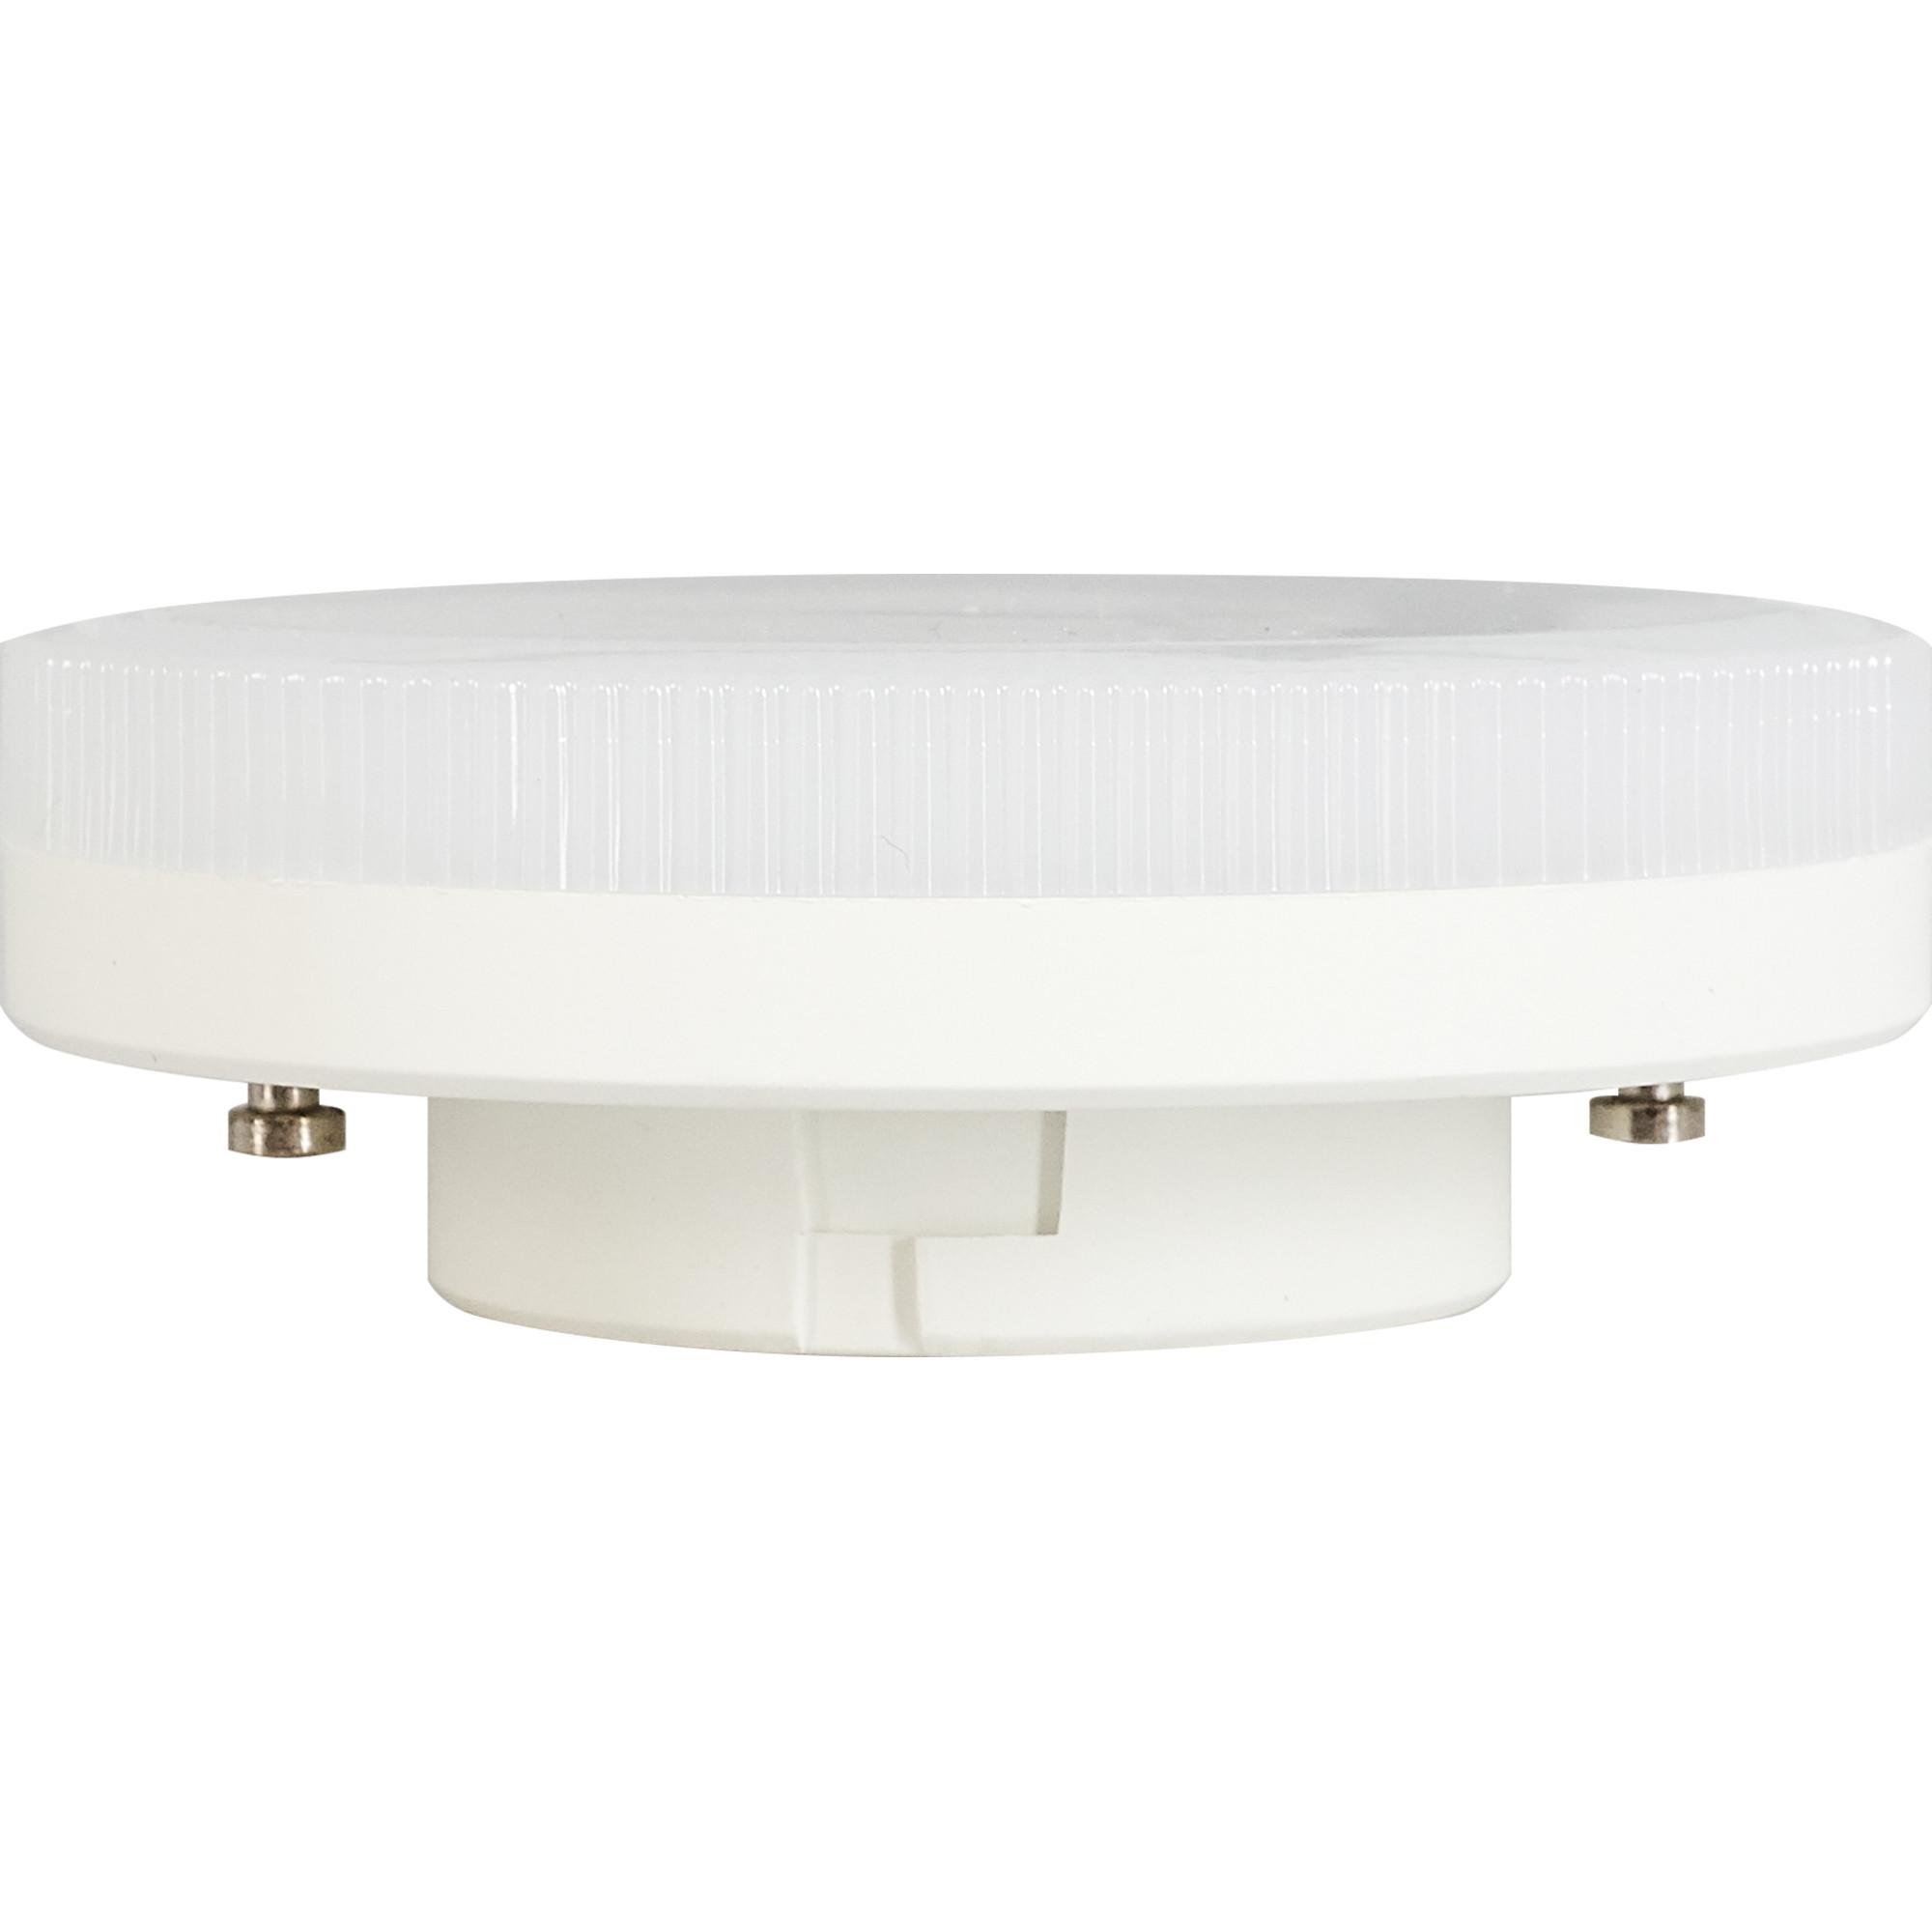 Лампа светодиодная Gauss Basic GX53 230 В 14.5 Вт диск 1000 лм свет тёплый белый